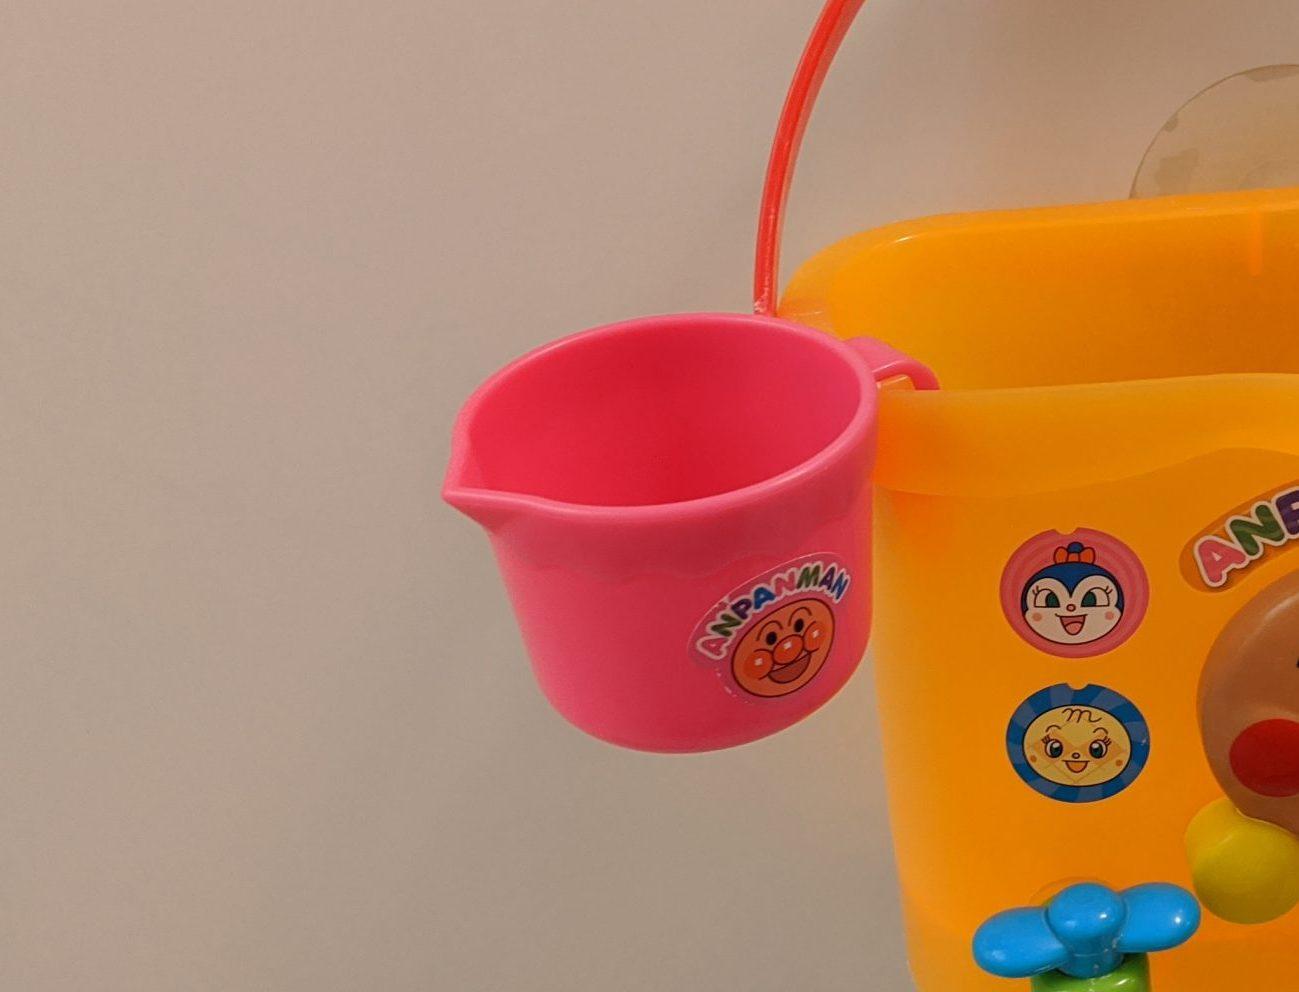 アンパンマン 水遊び用おもちゃ コップ